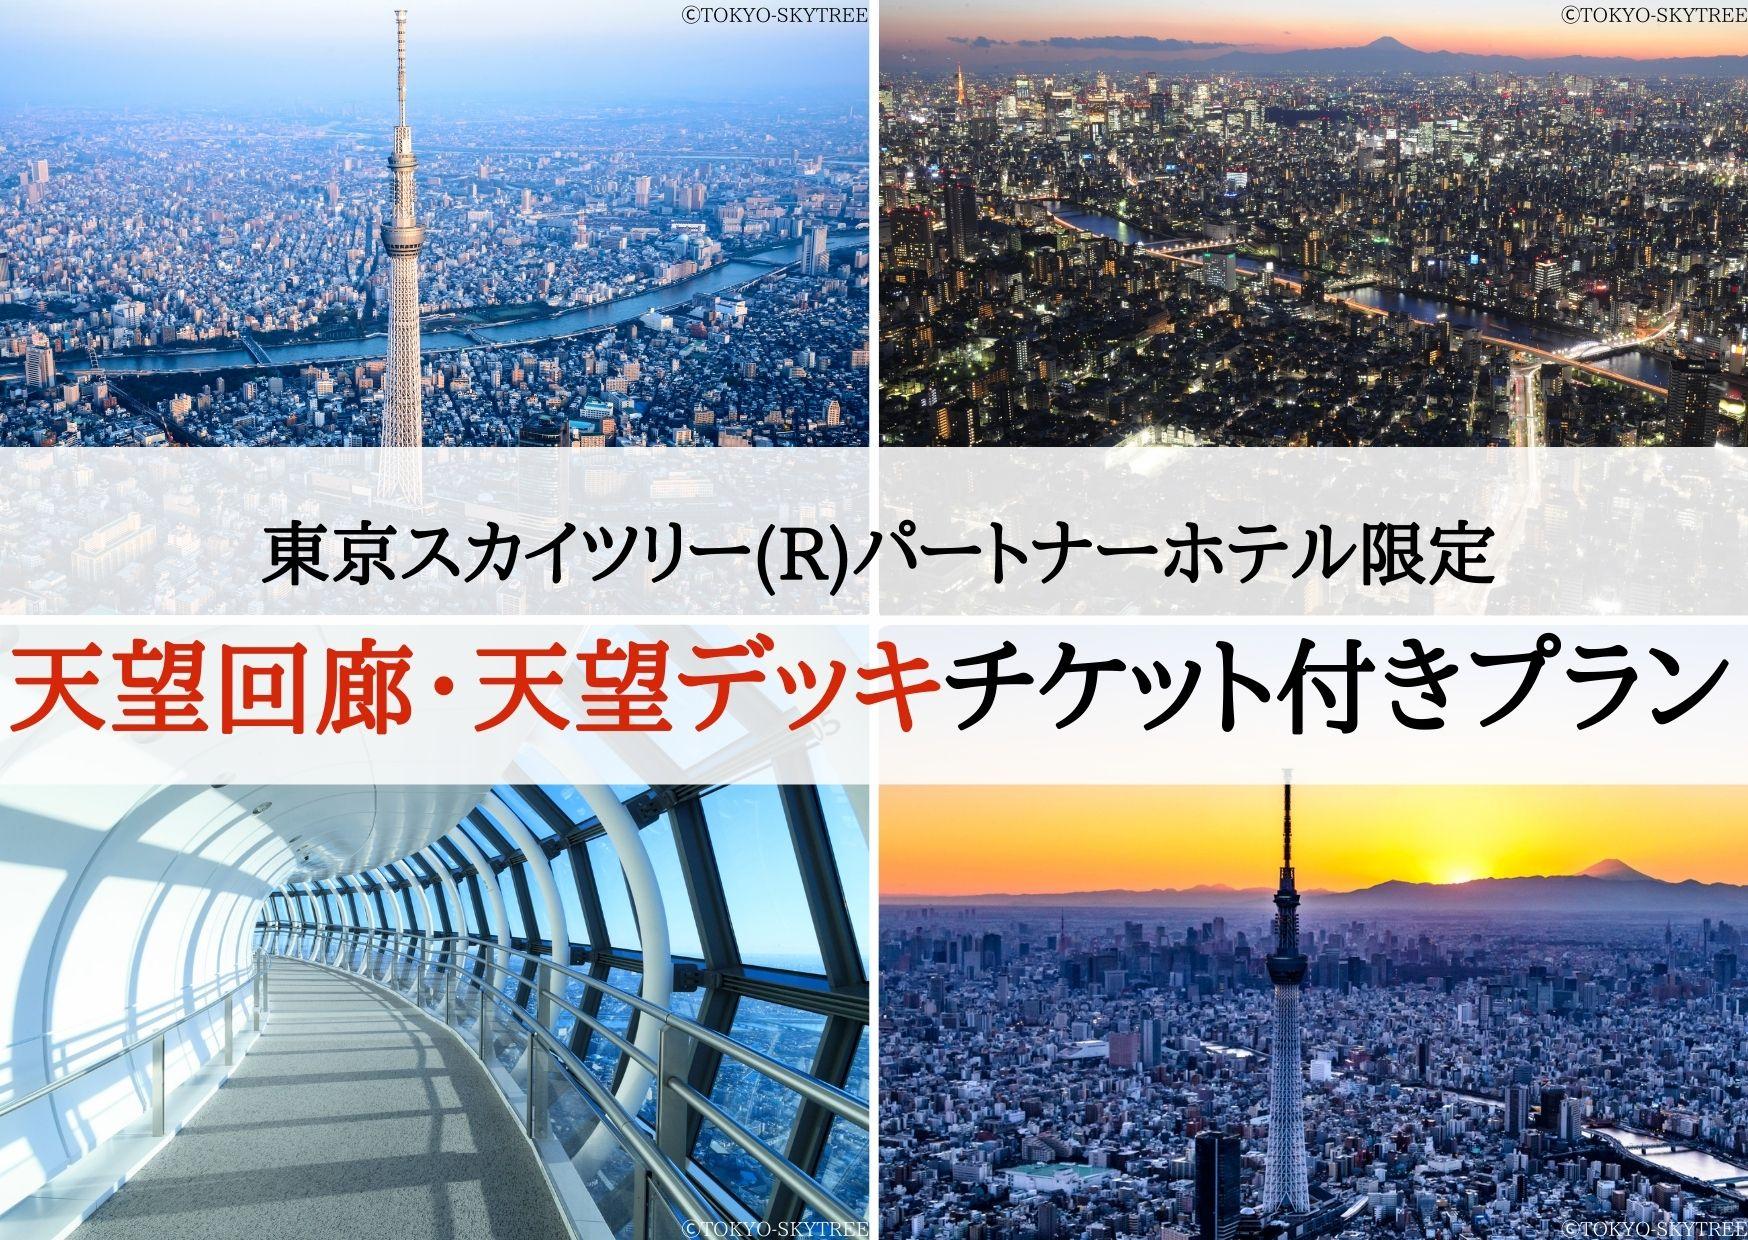 【東京スカイツリー(R)パートナーホテル限定 天望回廊・展望デッキチケット付きプラン】